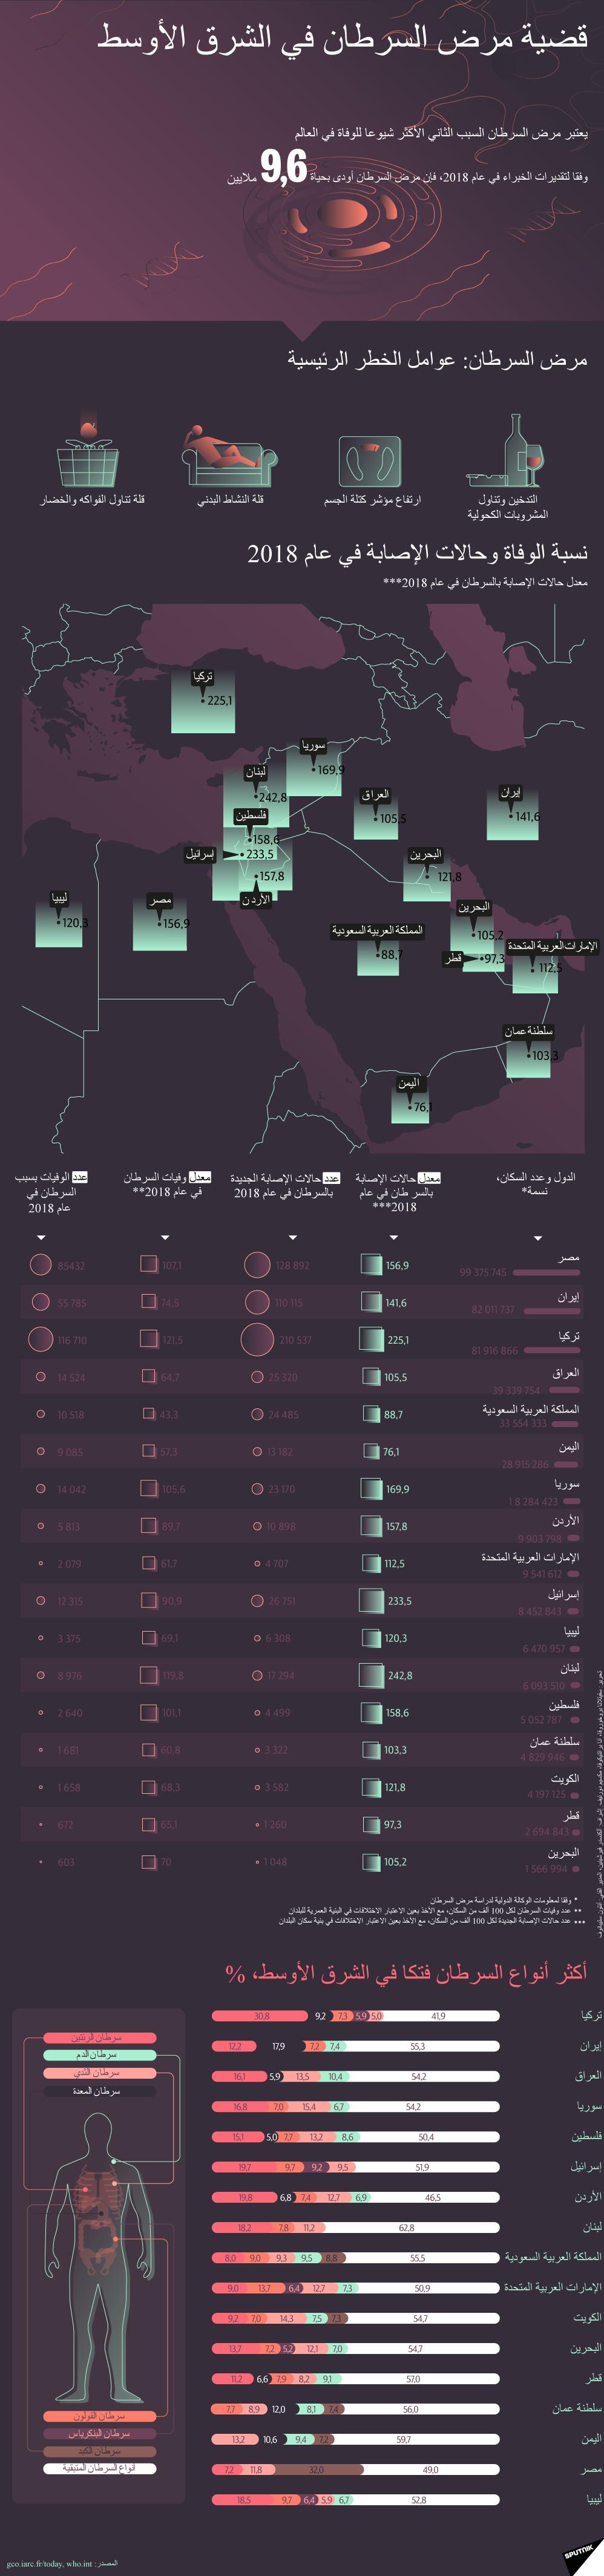 إنفوجرافيك - قضية مرض السرطان في الشرق الأوسط